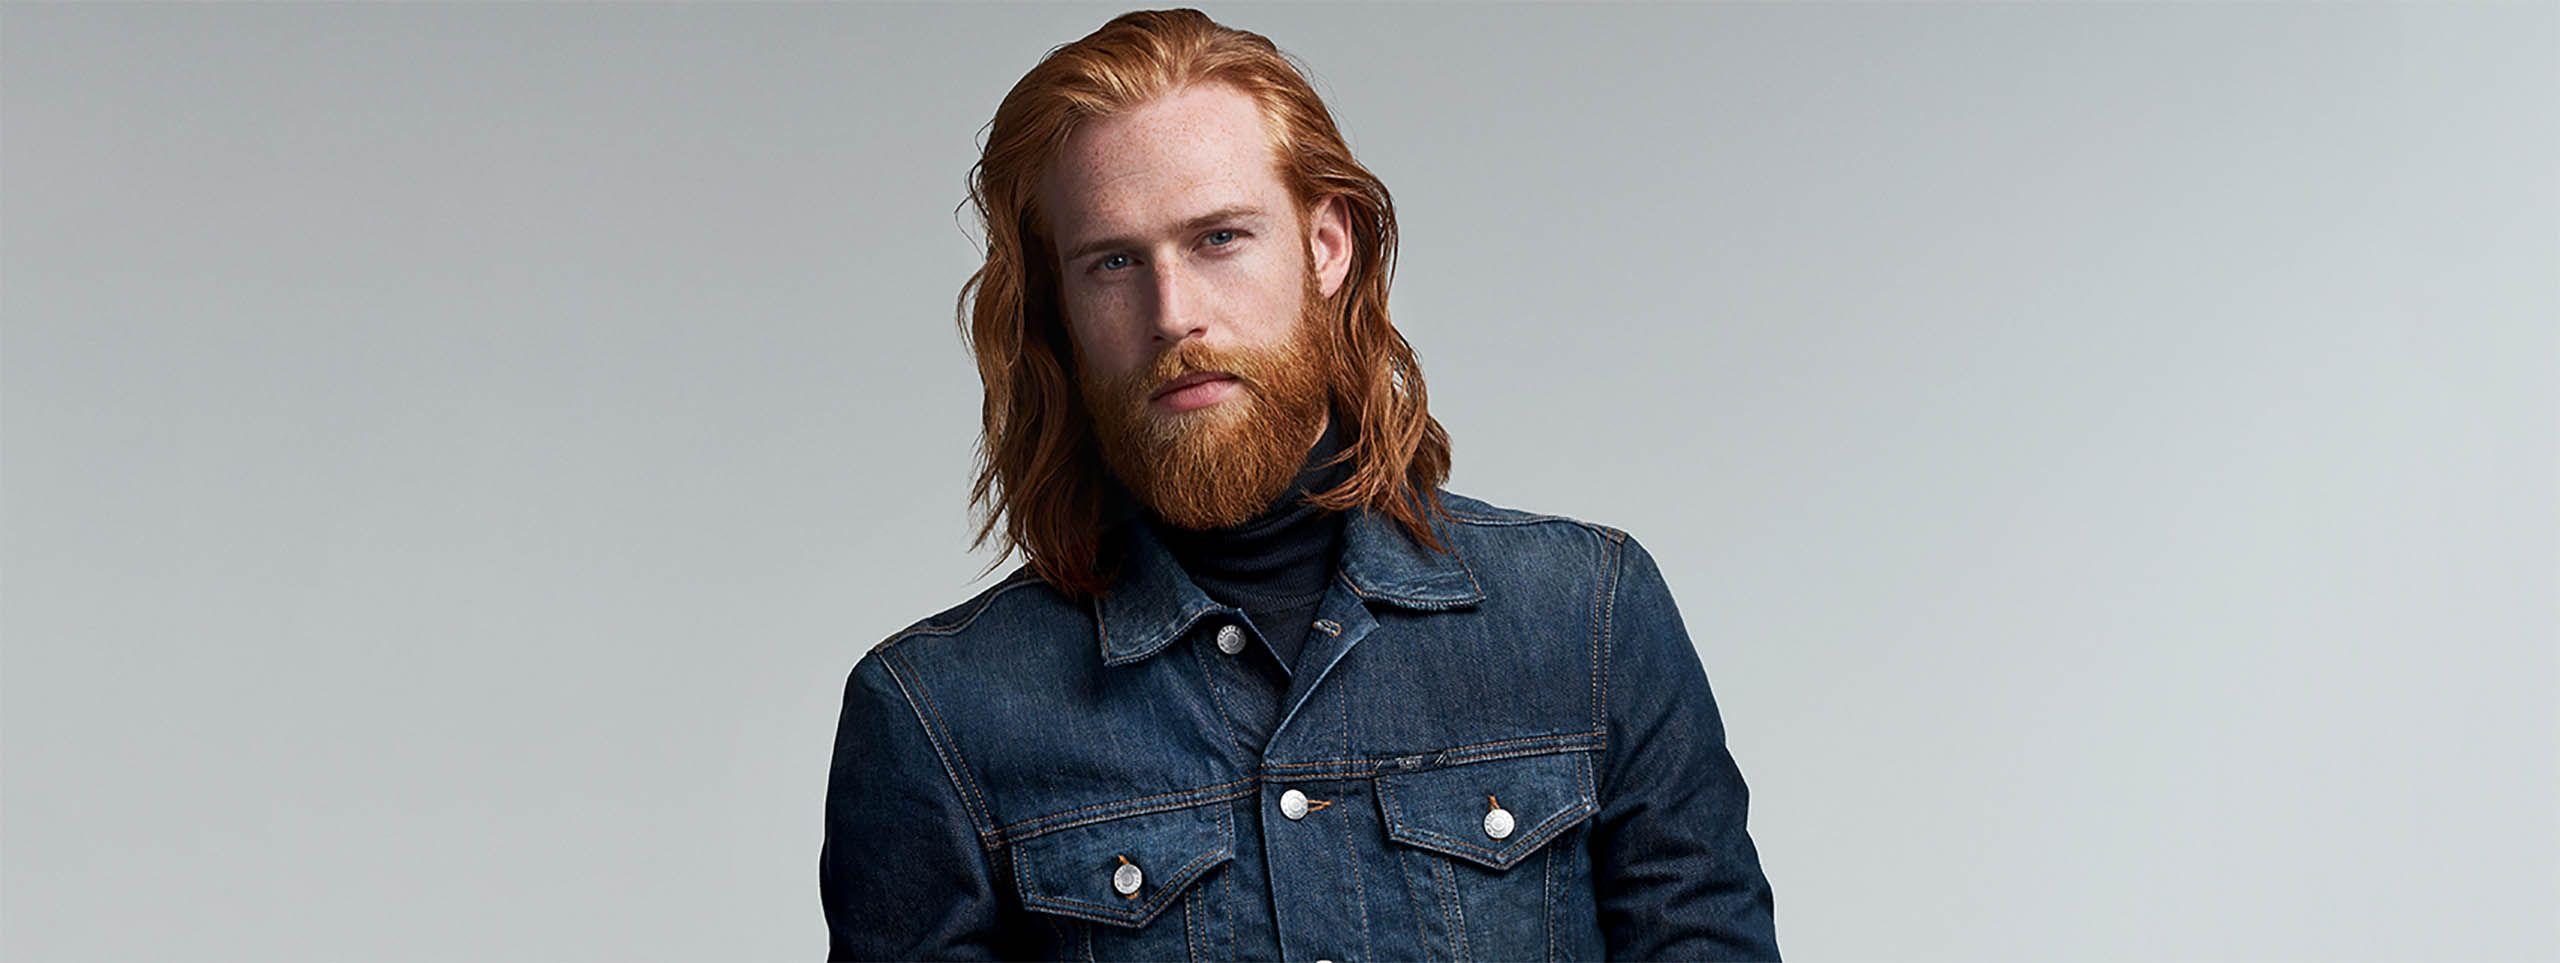 Mužský model s dlouhými vlasy.